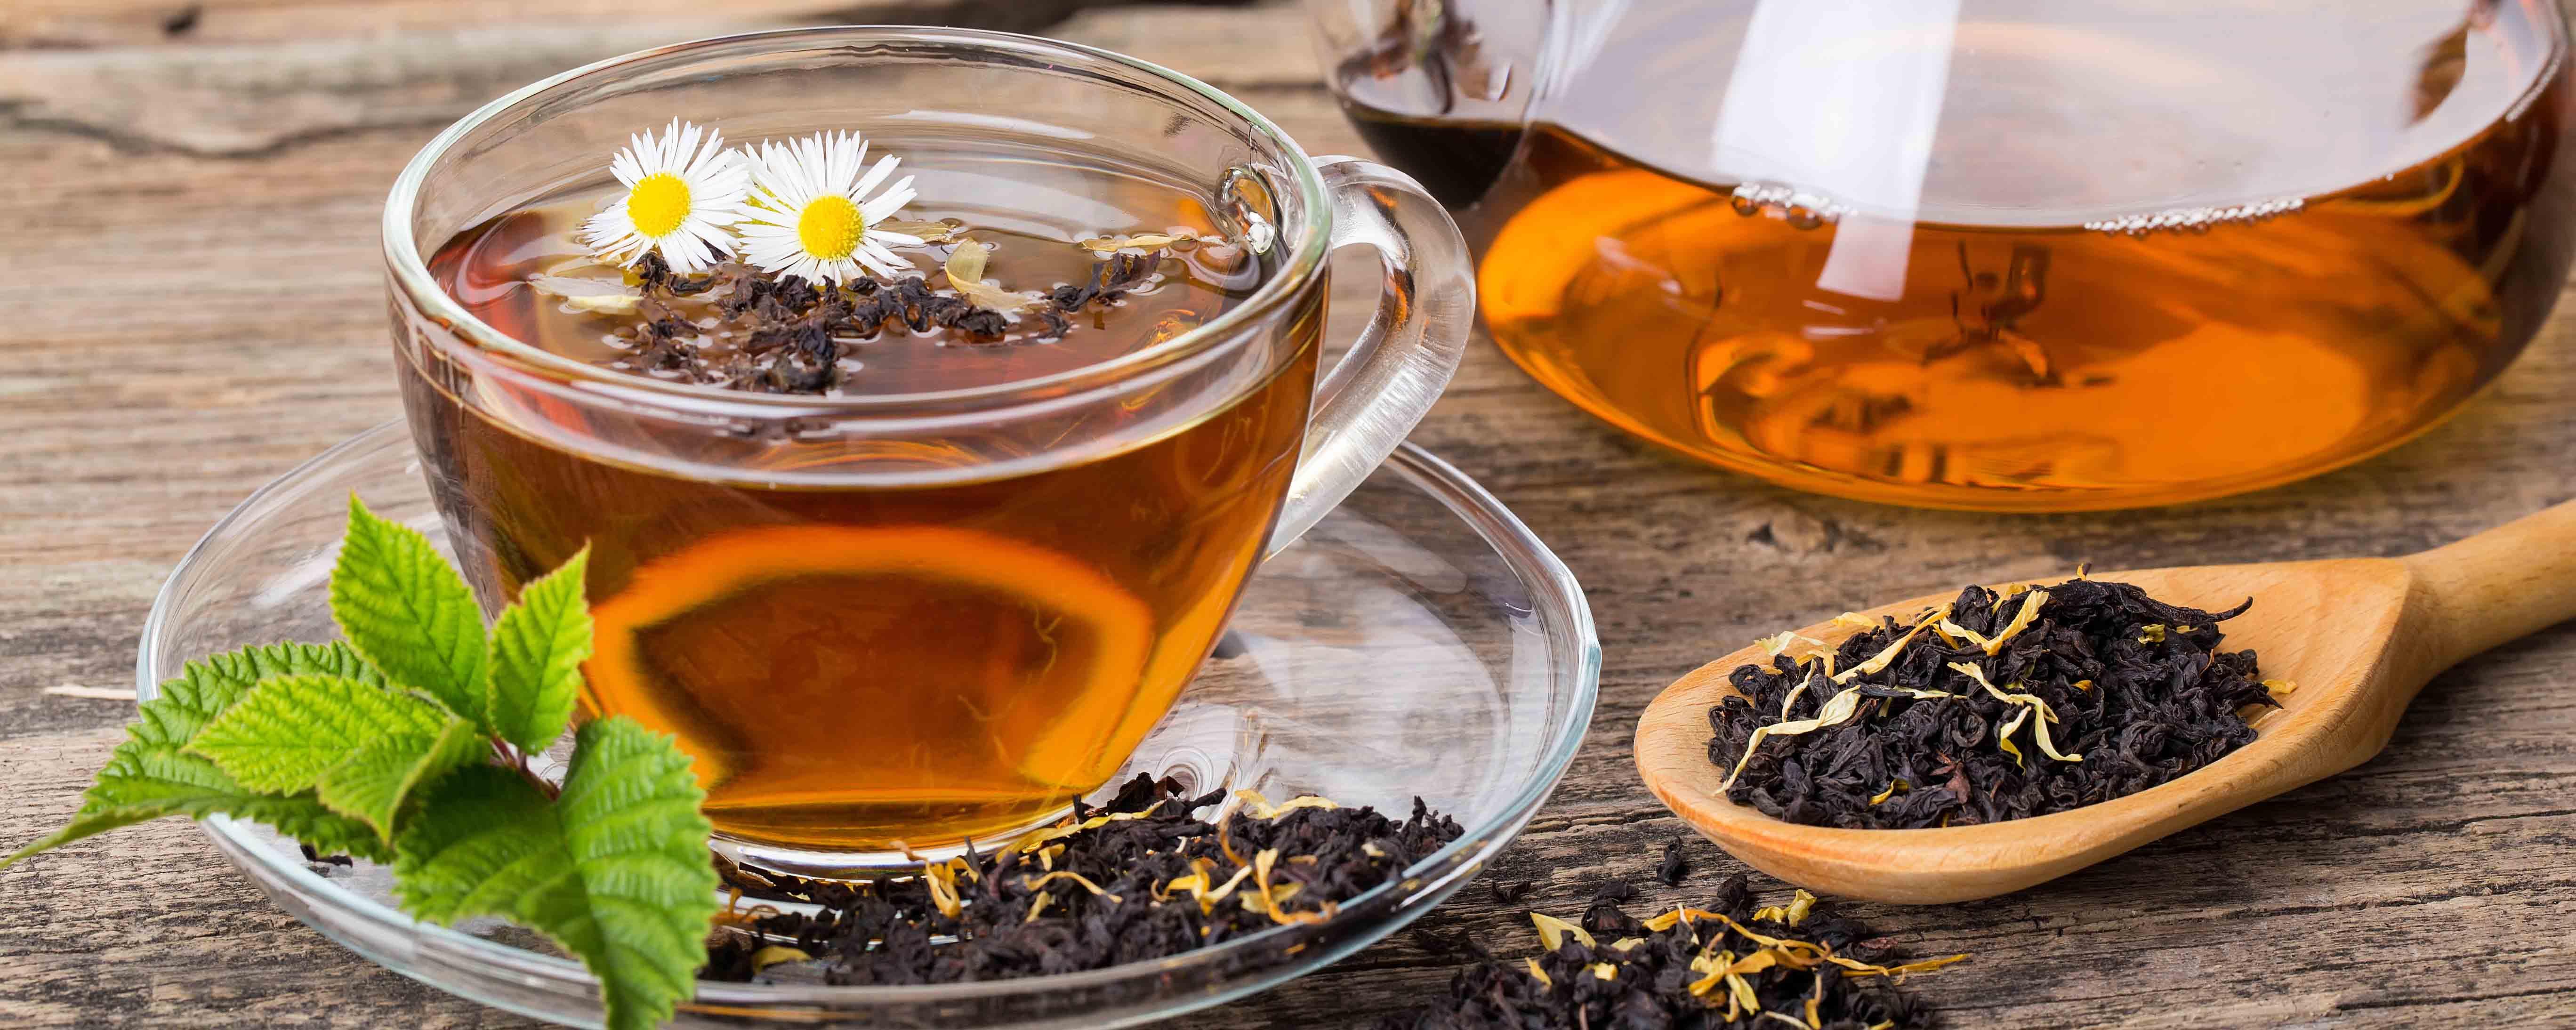 Влияние черного чая на организм